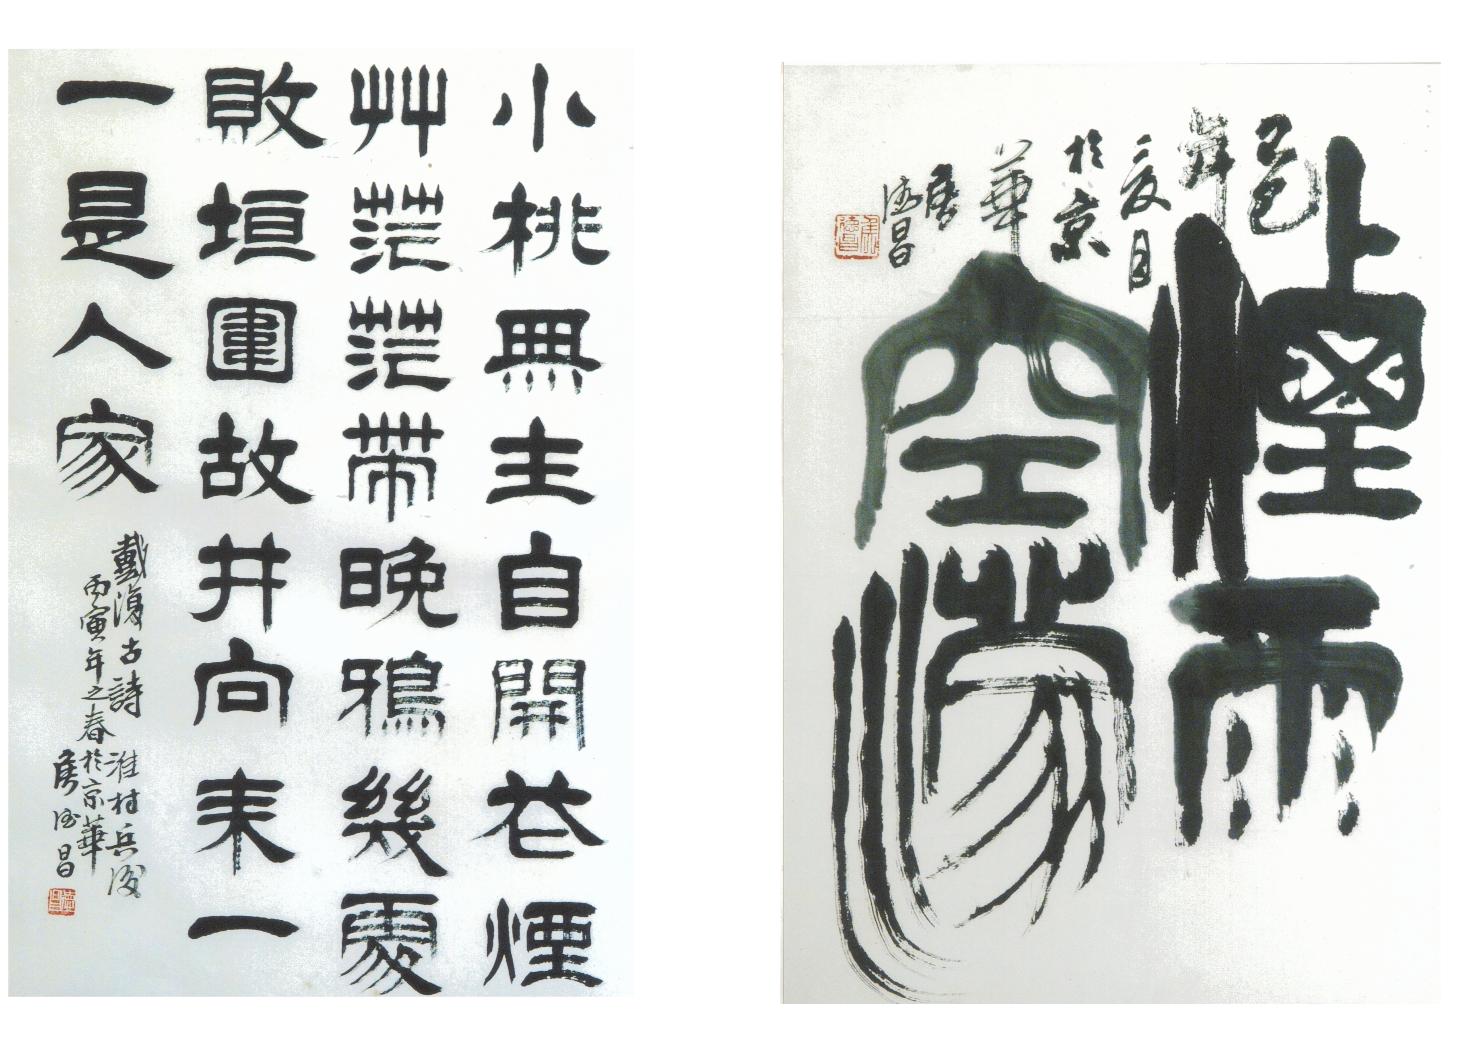 侯德昌-page003